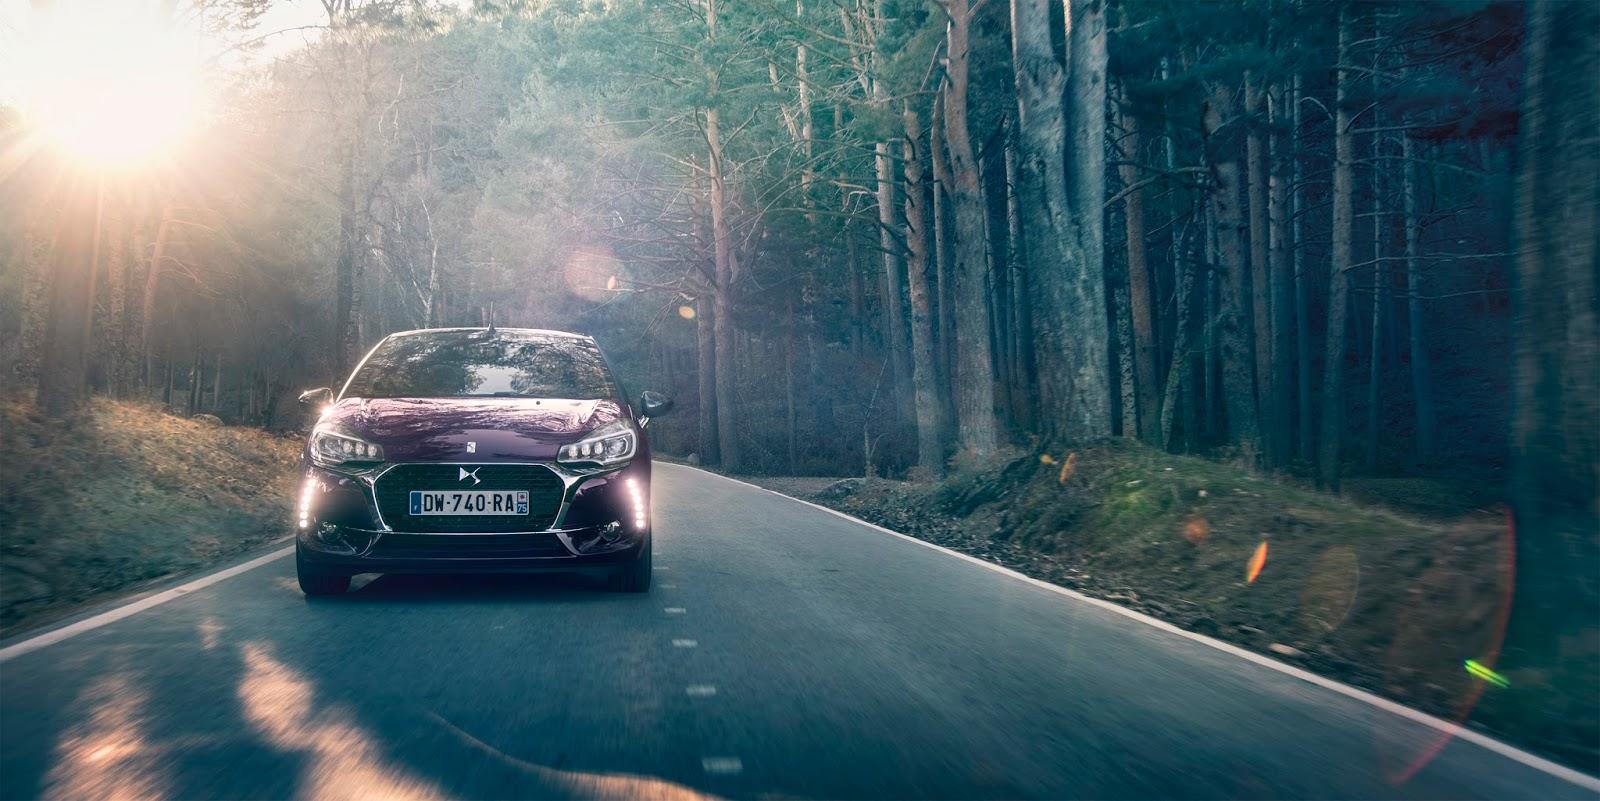 CL%2B15.103.018 Στο Σαλόνι Αυτοκινήτου της Γενεύης η παγκόσμια πρεμιέρα για το DS 3 PERFORMANCE & DS 3 Cabrio PERFORMANCE των 208 ίππων ds 3, DS 3 PERFORMANCE, DS 4, DS 4 Crossback, DS 5, DS Automobiles, Virtual Garage, Σαλόνι Αυτοκινήτου, Σαλόνι Αυτοκινήτου της Γενεύης